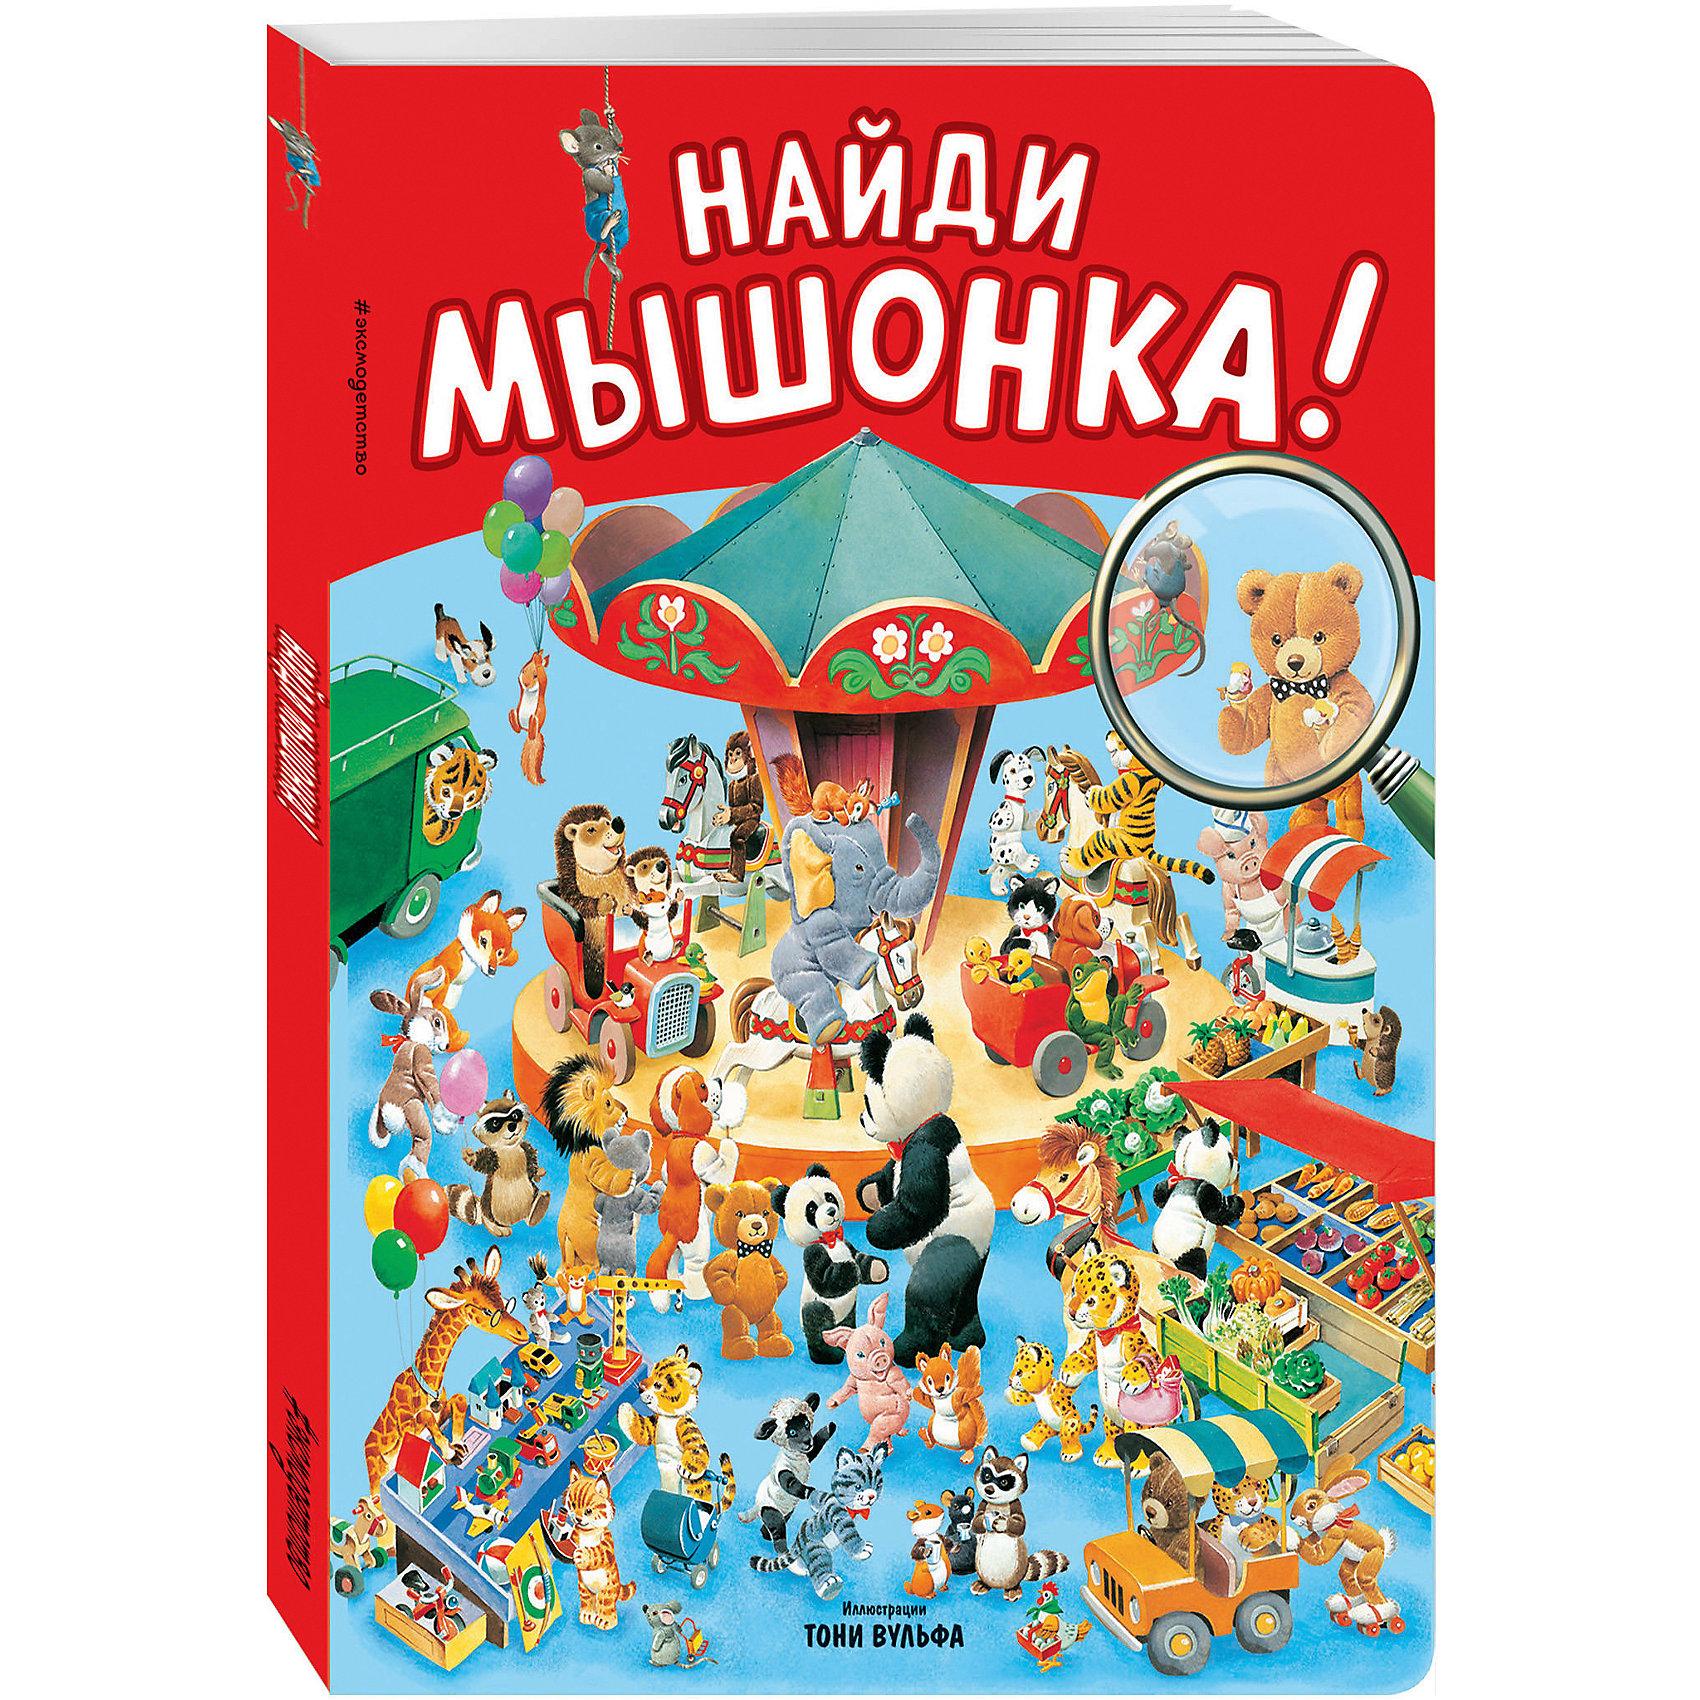 Найди мышонка!Эксмо<br>Замечательная книга «Найди мышонка!» предлагает ребёнку занимательную игру. На страницах, заполненных веселыми зверушками, шоколадными зайцами и пряничными человечками, малыш должен отыскать маленького симпатичного мышонка Пипа, его неразлучных друзей и много разных предметов. А нарисована книга всемирно известным итальянским художником Тони Вульфом, создавшим сотни великолепных иллюстраций для детских изданий.<br><br>Ширина мм: 330<br>Глубина мм: 240<br>Высота мм: 10<br>Вес г: 419<br>Возраст от месяцев: 0<br>Возраст до месяцев: 36<br>Пол: Унисекс<br>Возраст: Детский<br>SKU: 6878187